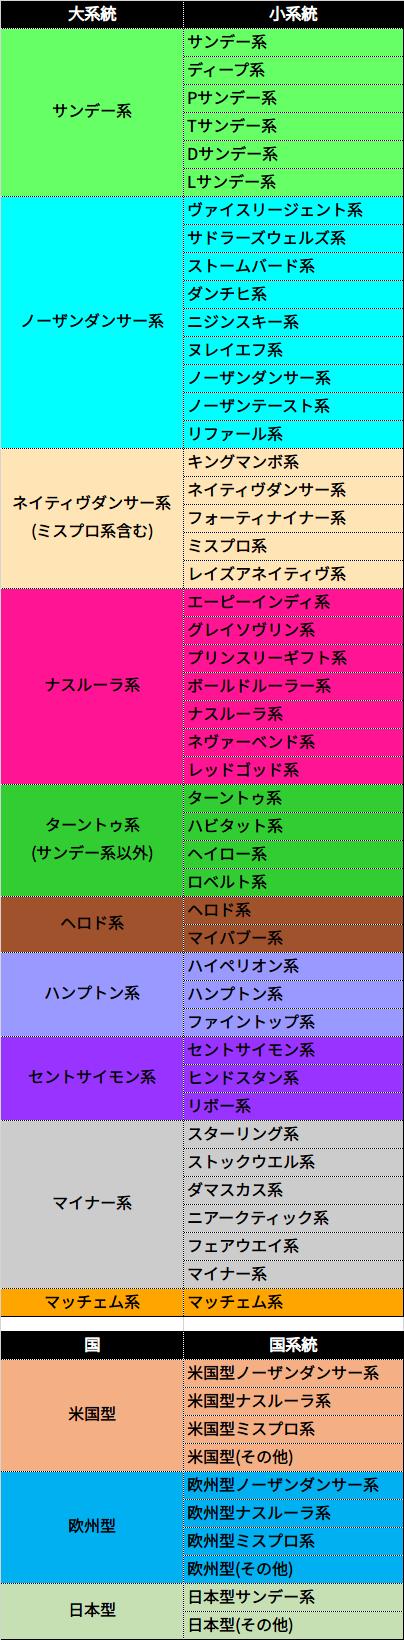 血統系統・カラーリングの説明/スマート出馬表